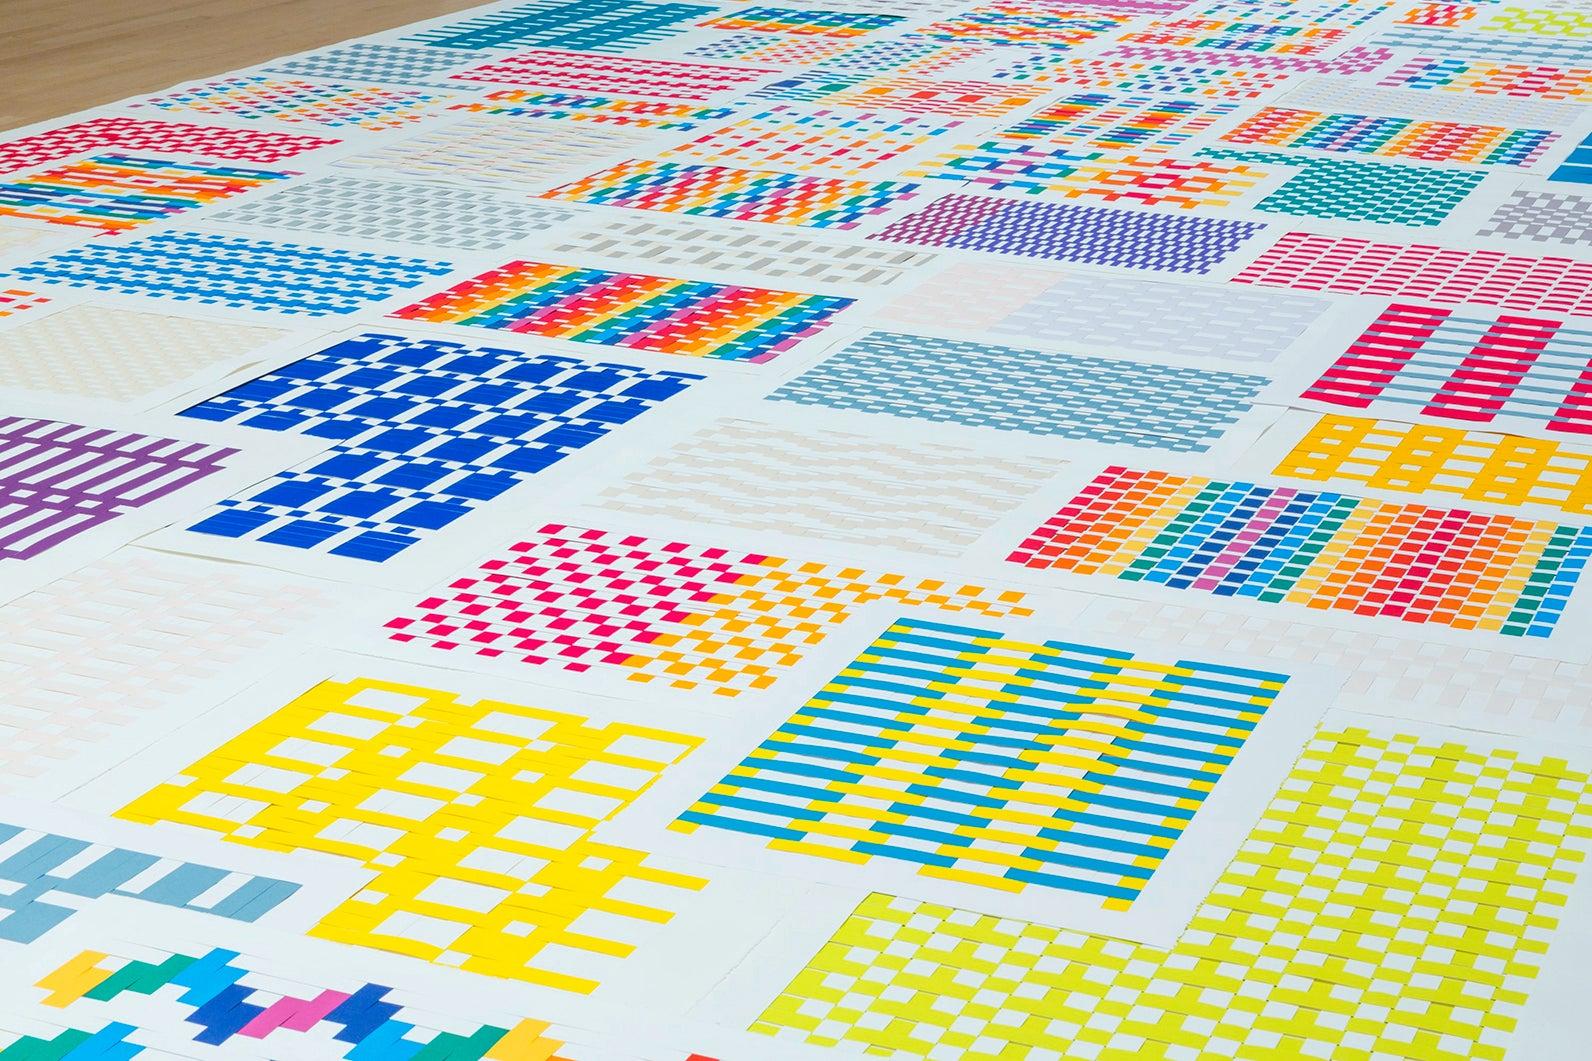 art-book-excerpt-domino